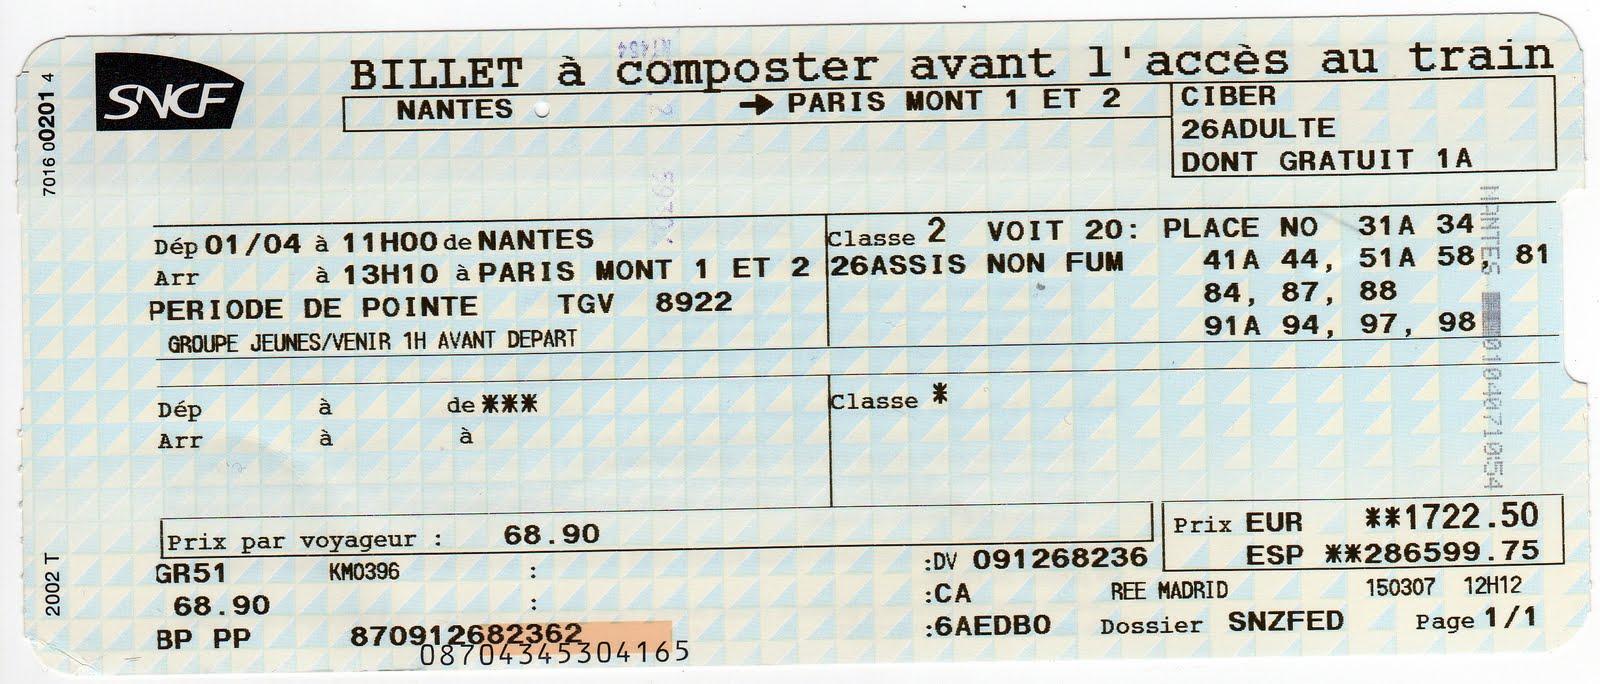 Rservation SNCF